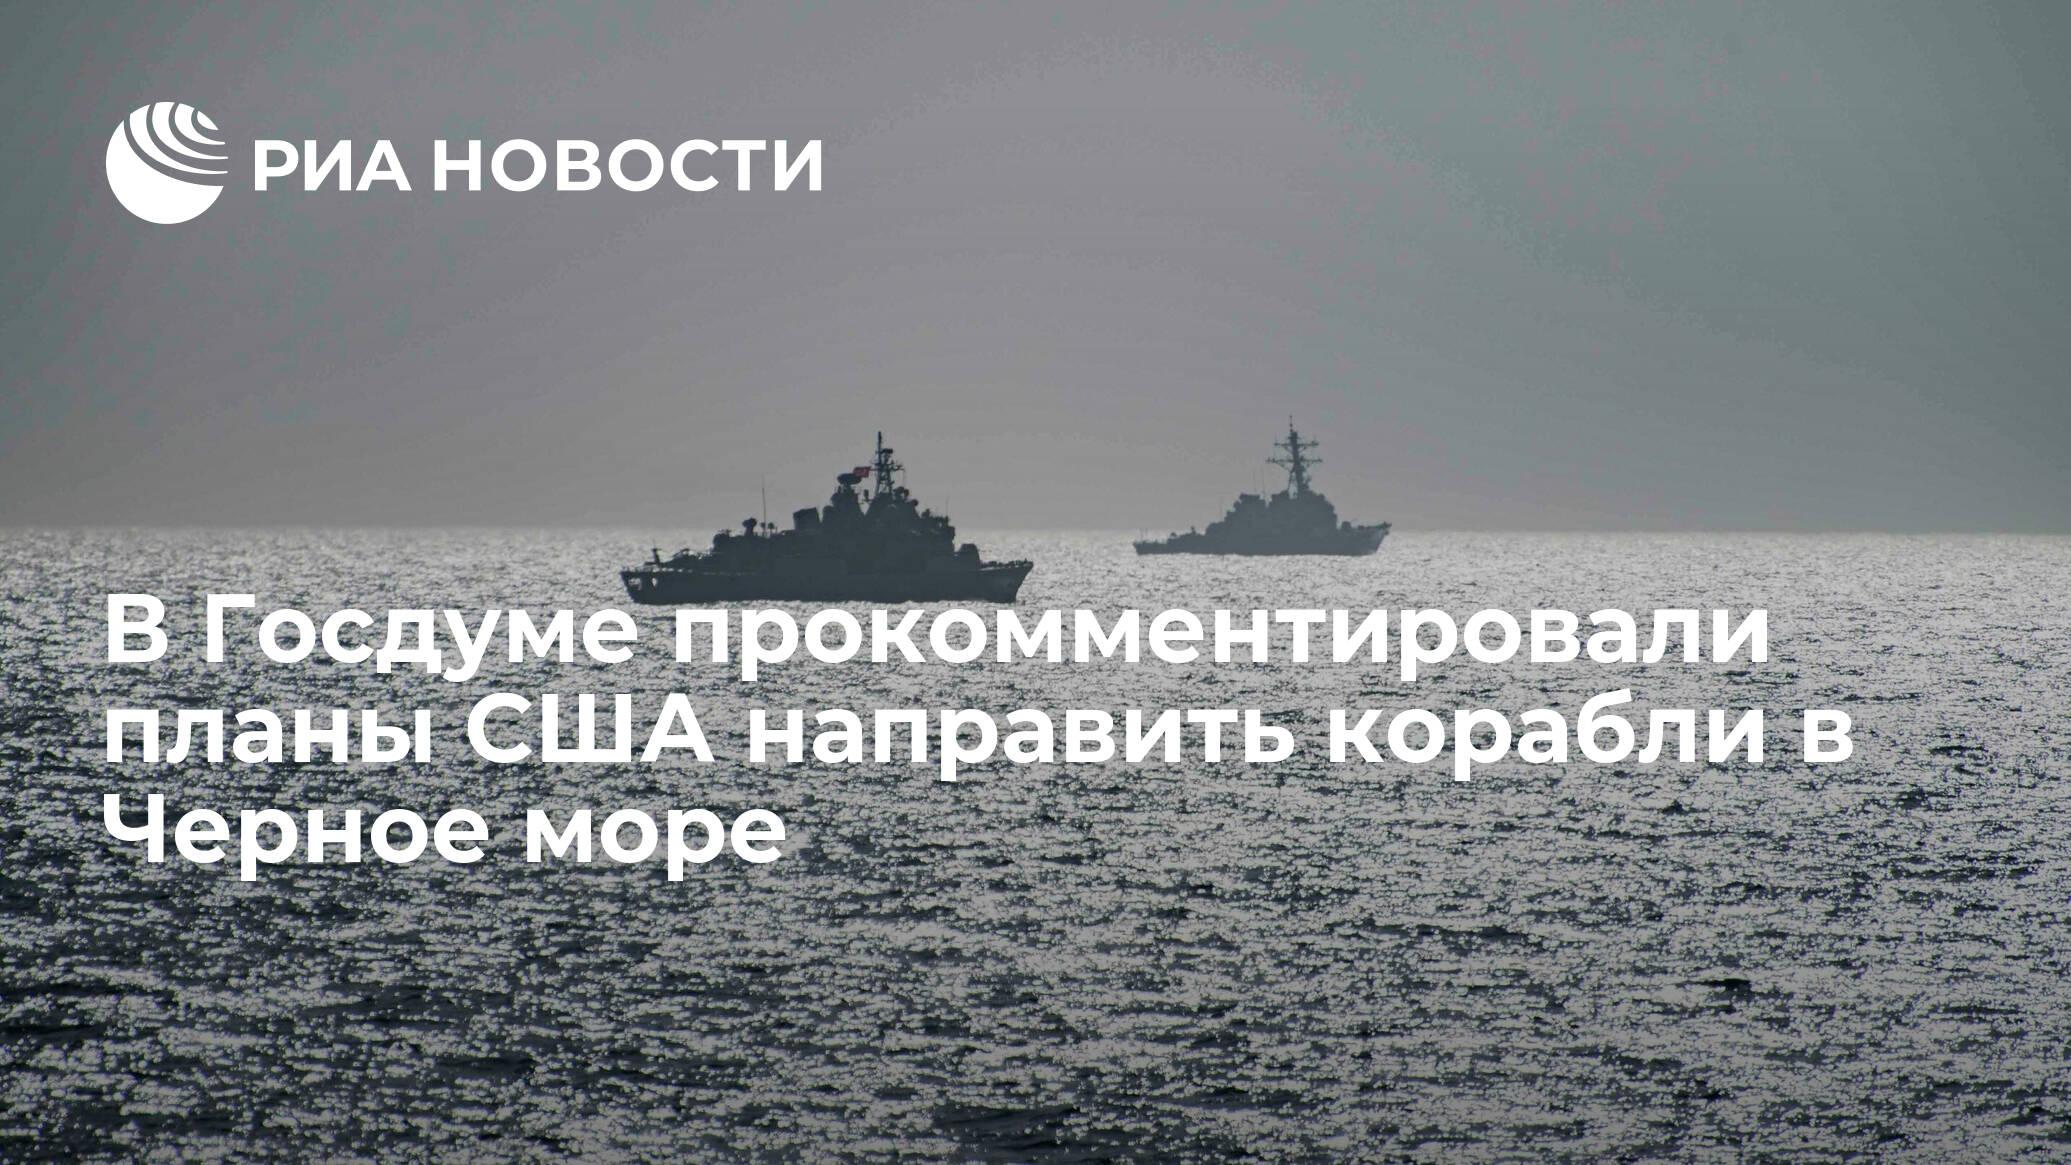 В Госдуме прокомментировали планы США направить корабли в Черное море